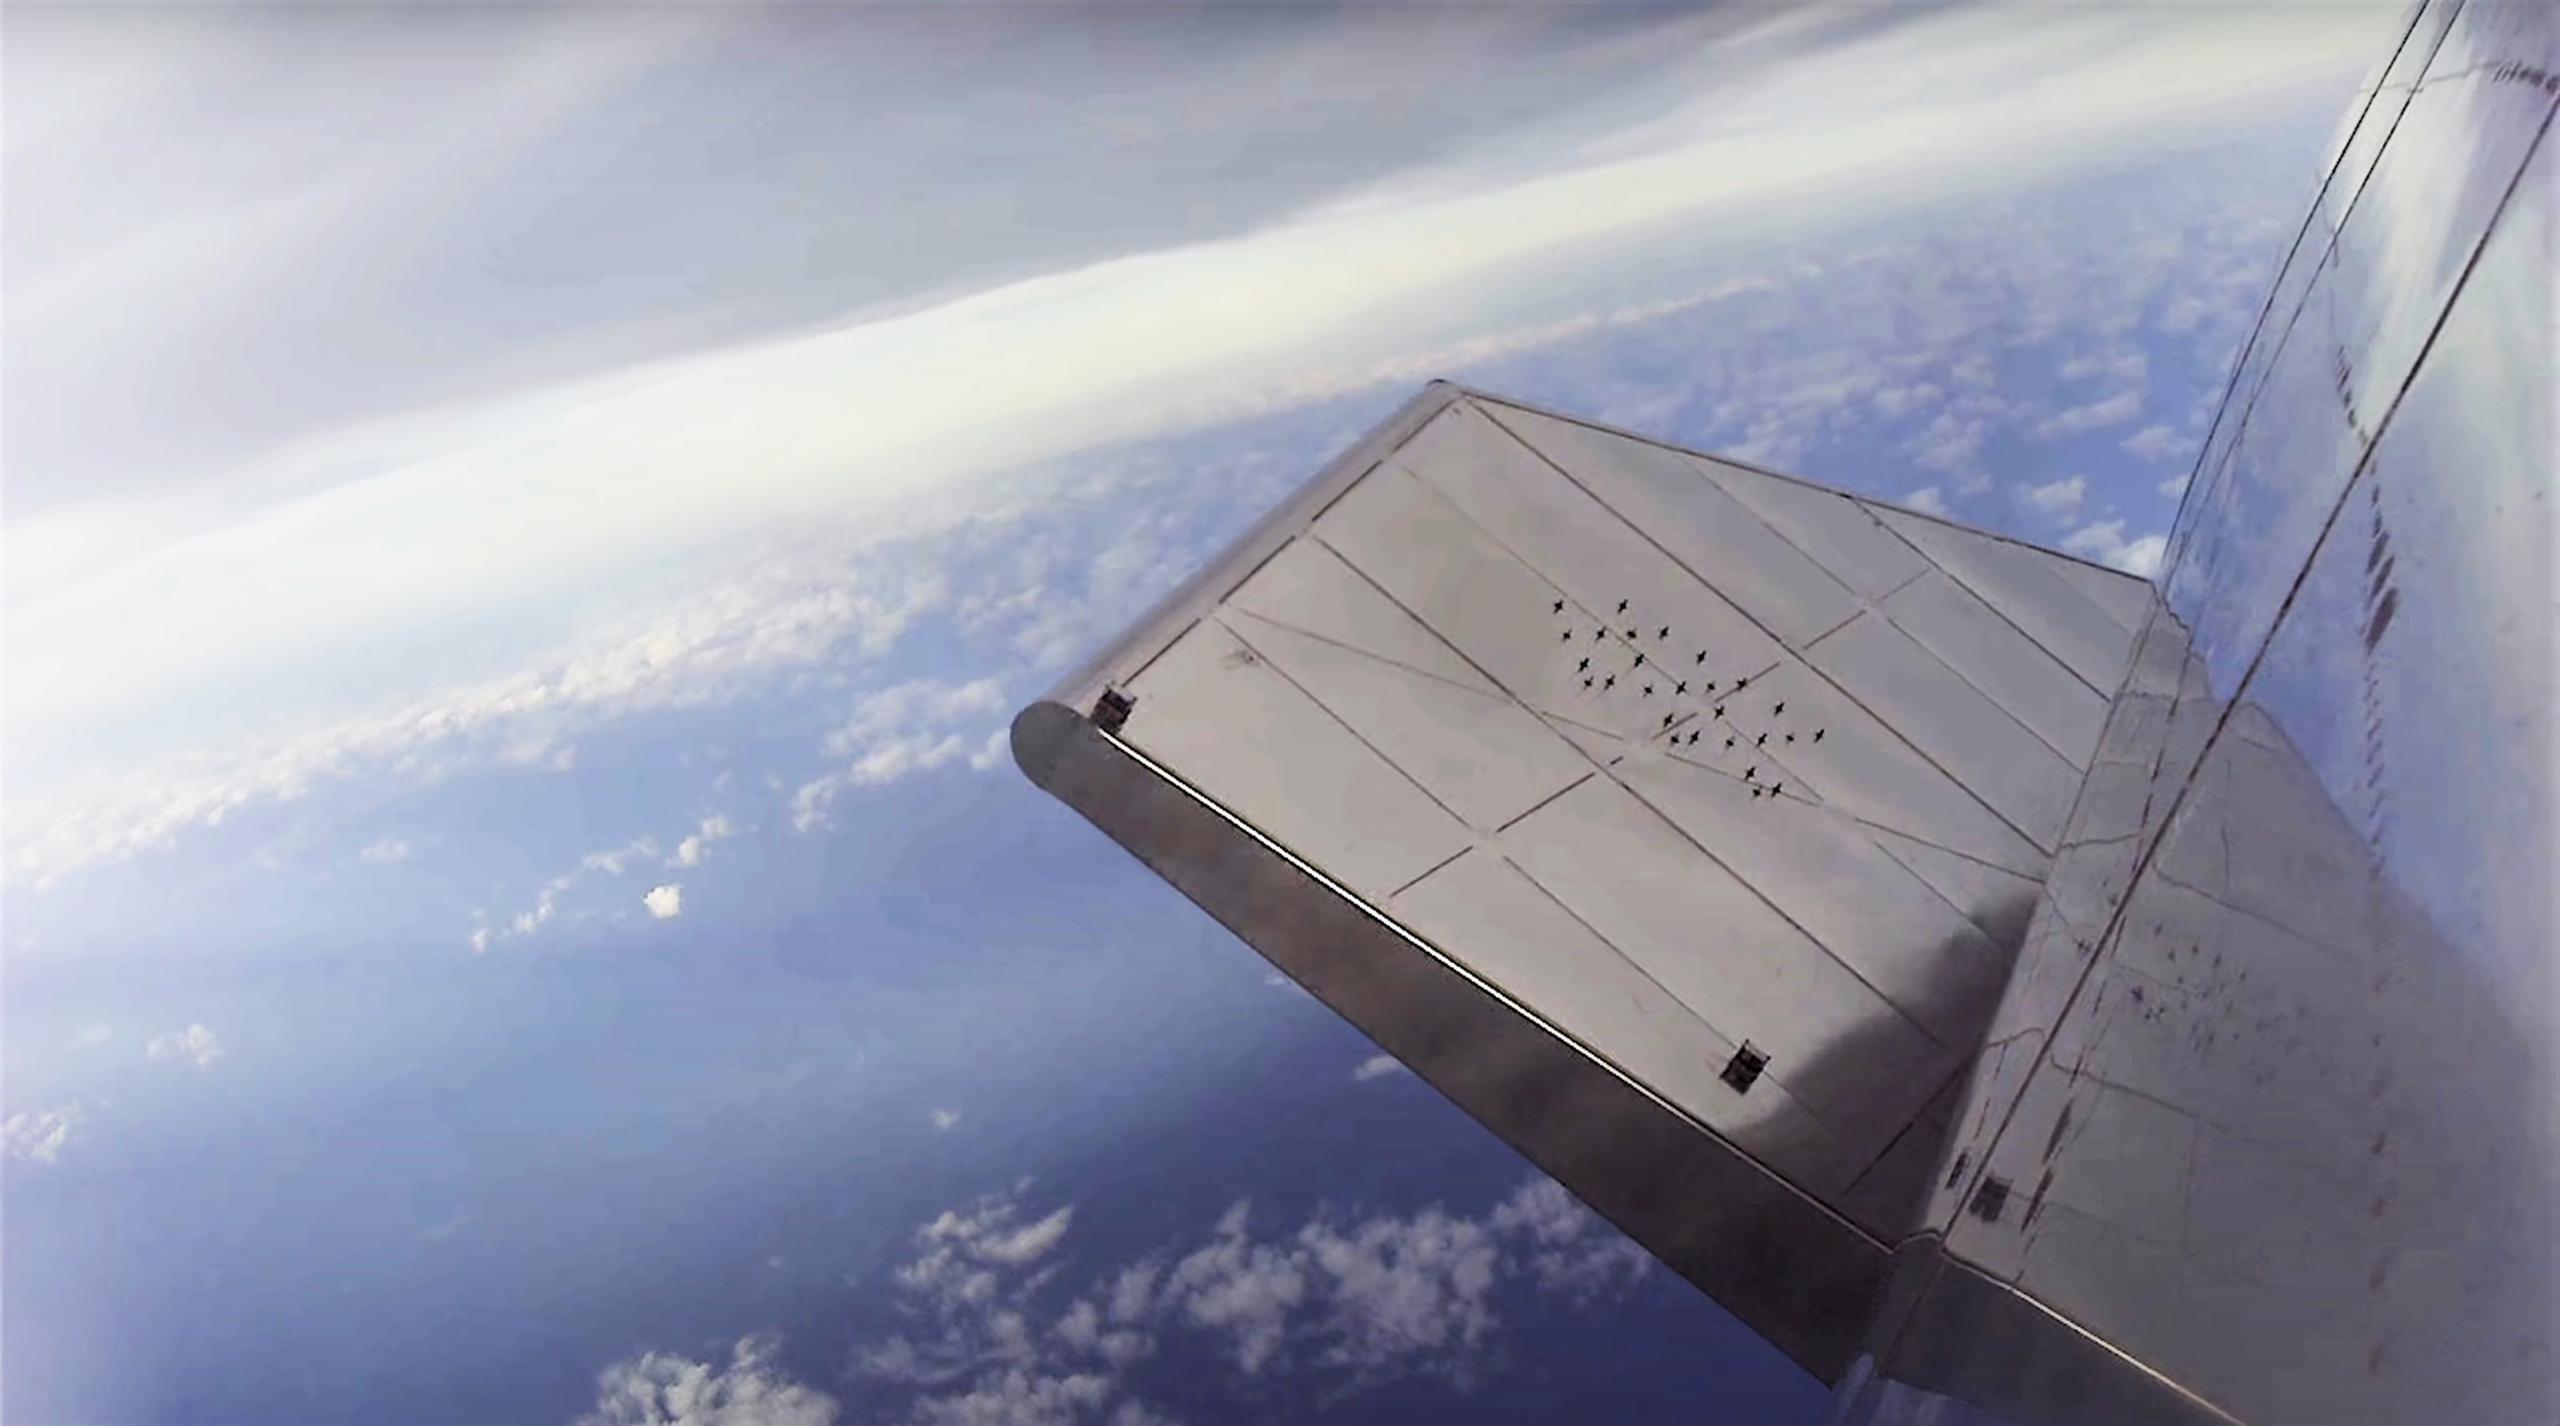 Starship SN10 030221 recap (SpaceX) EDL 1 (c)